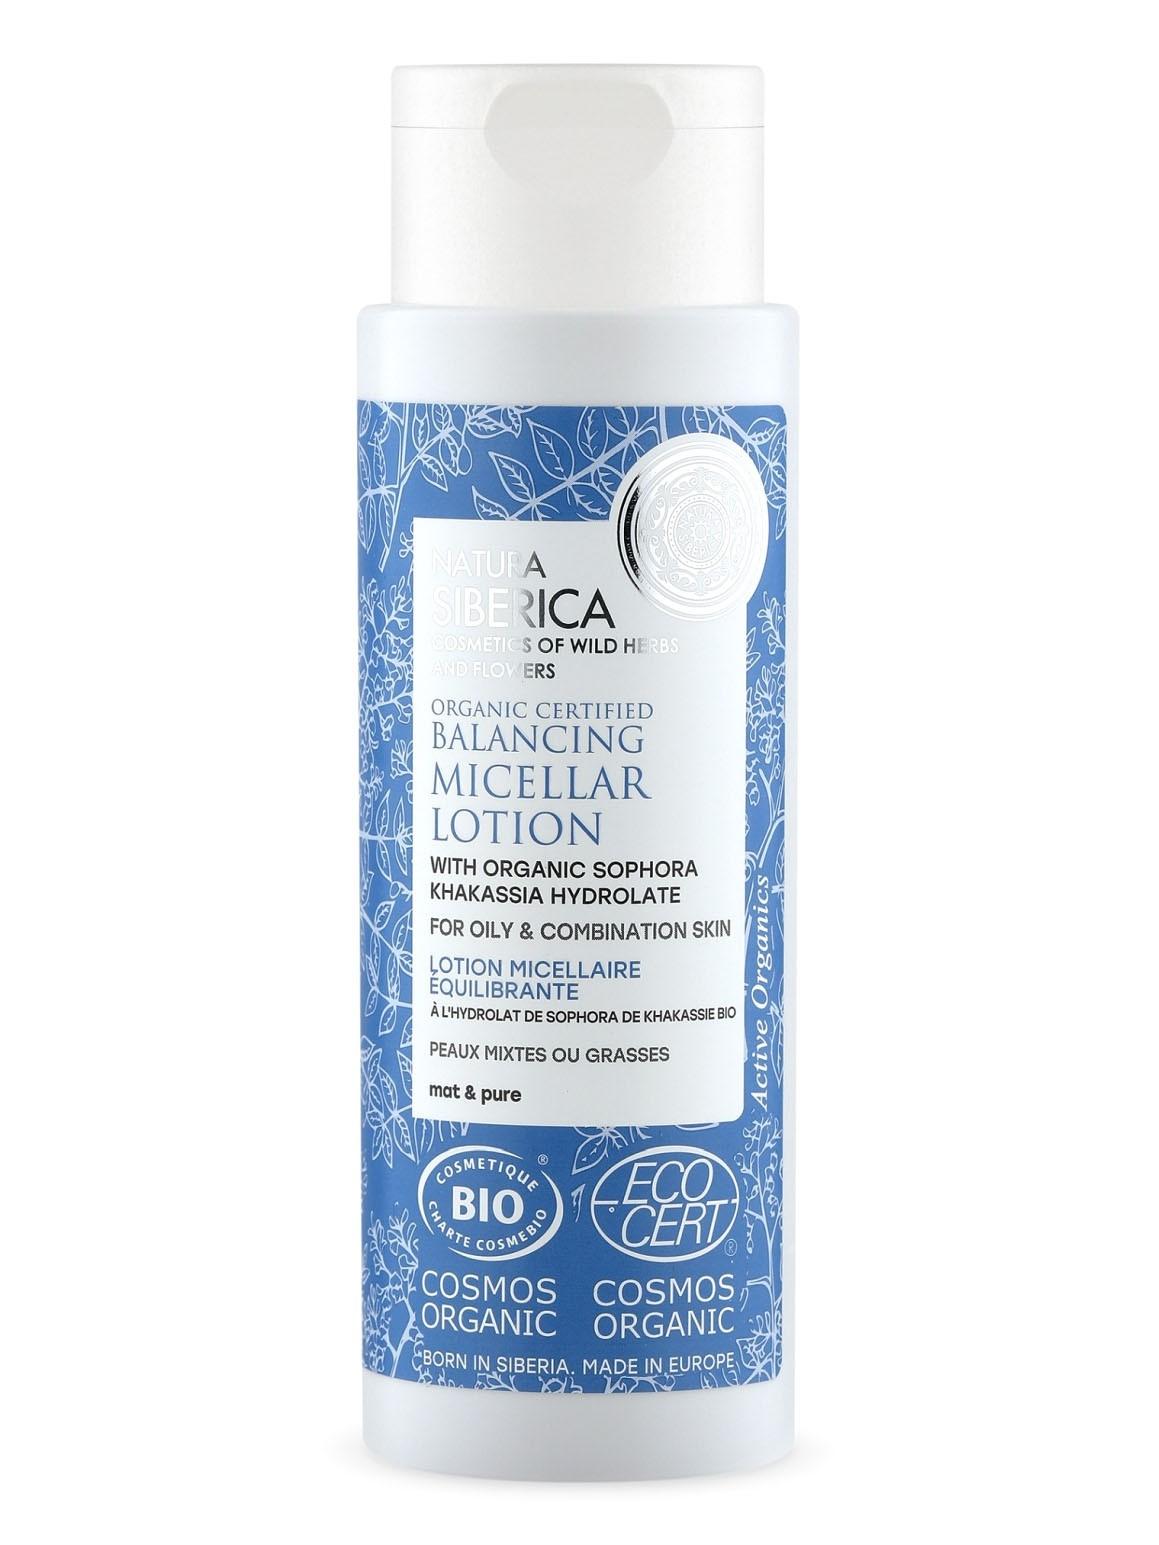 Płyn micelarny do skóry przetłuszczającej się i mieszanej eco